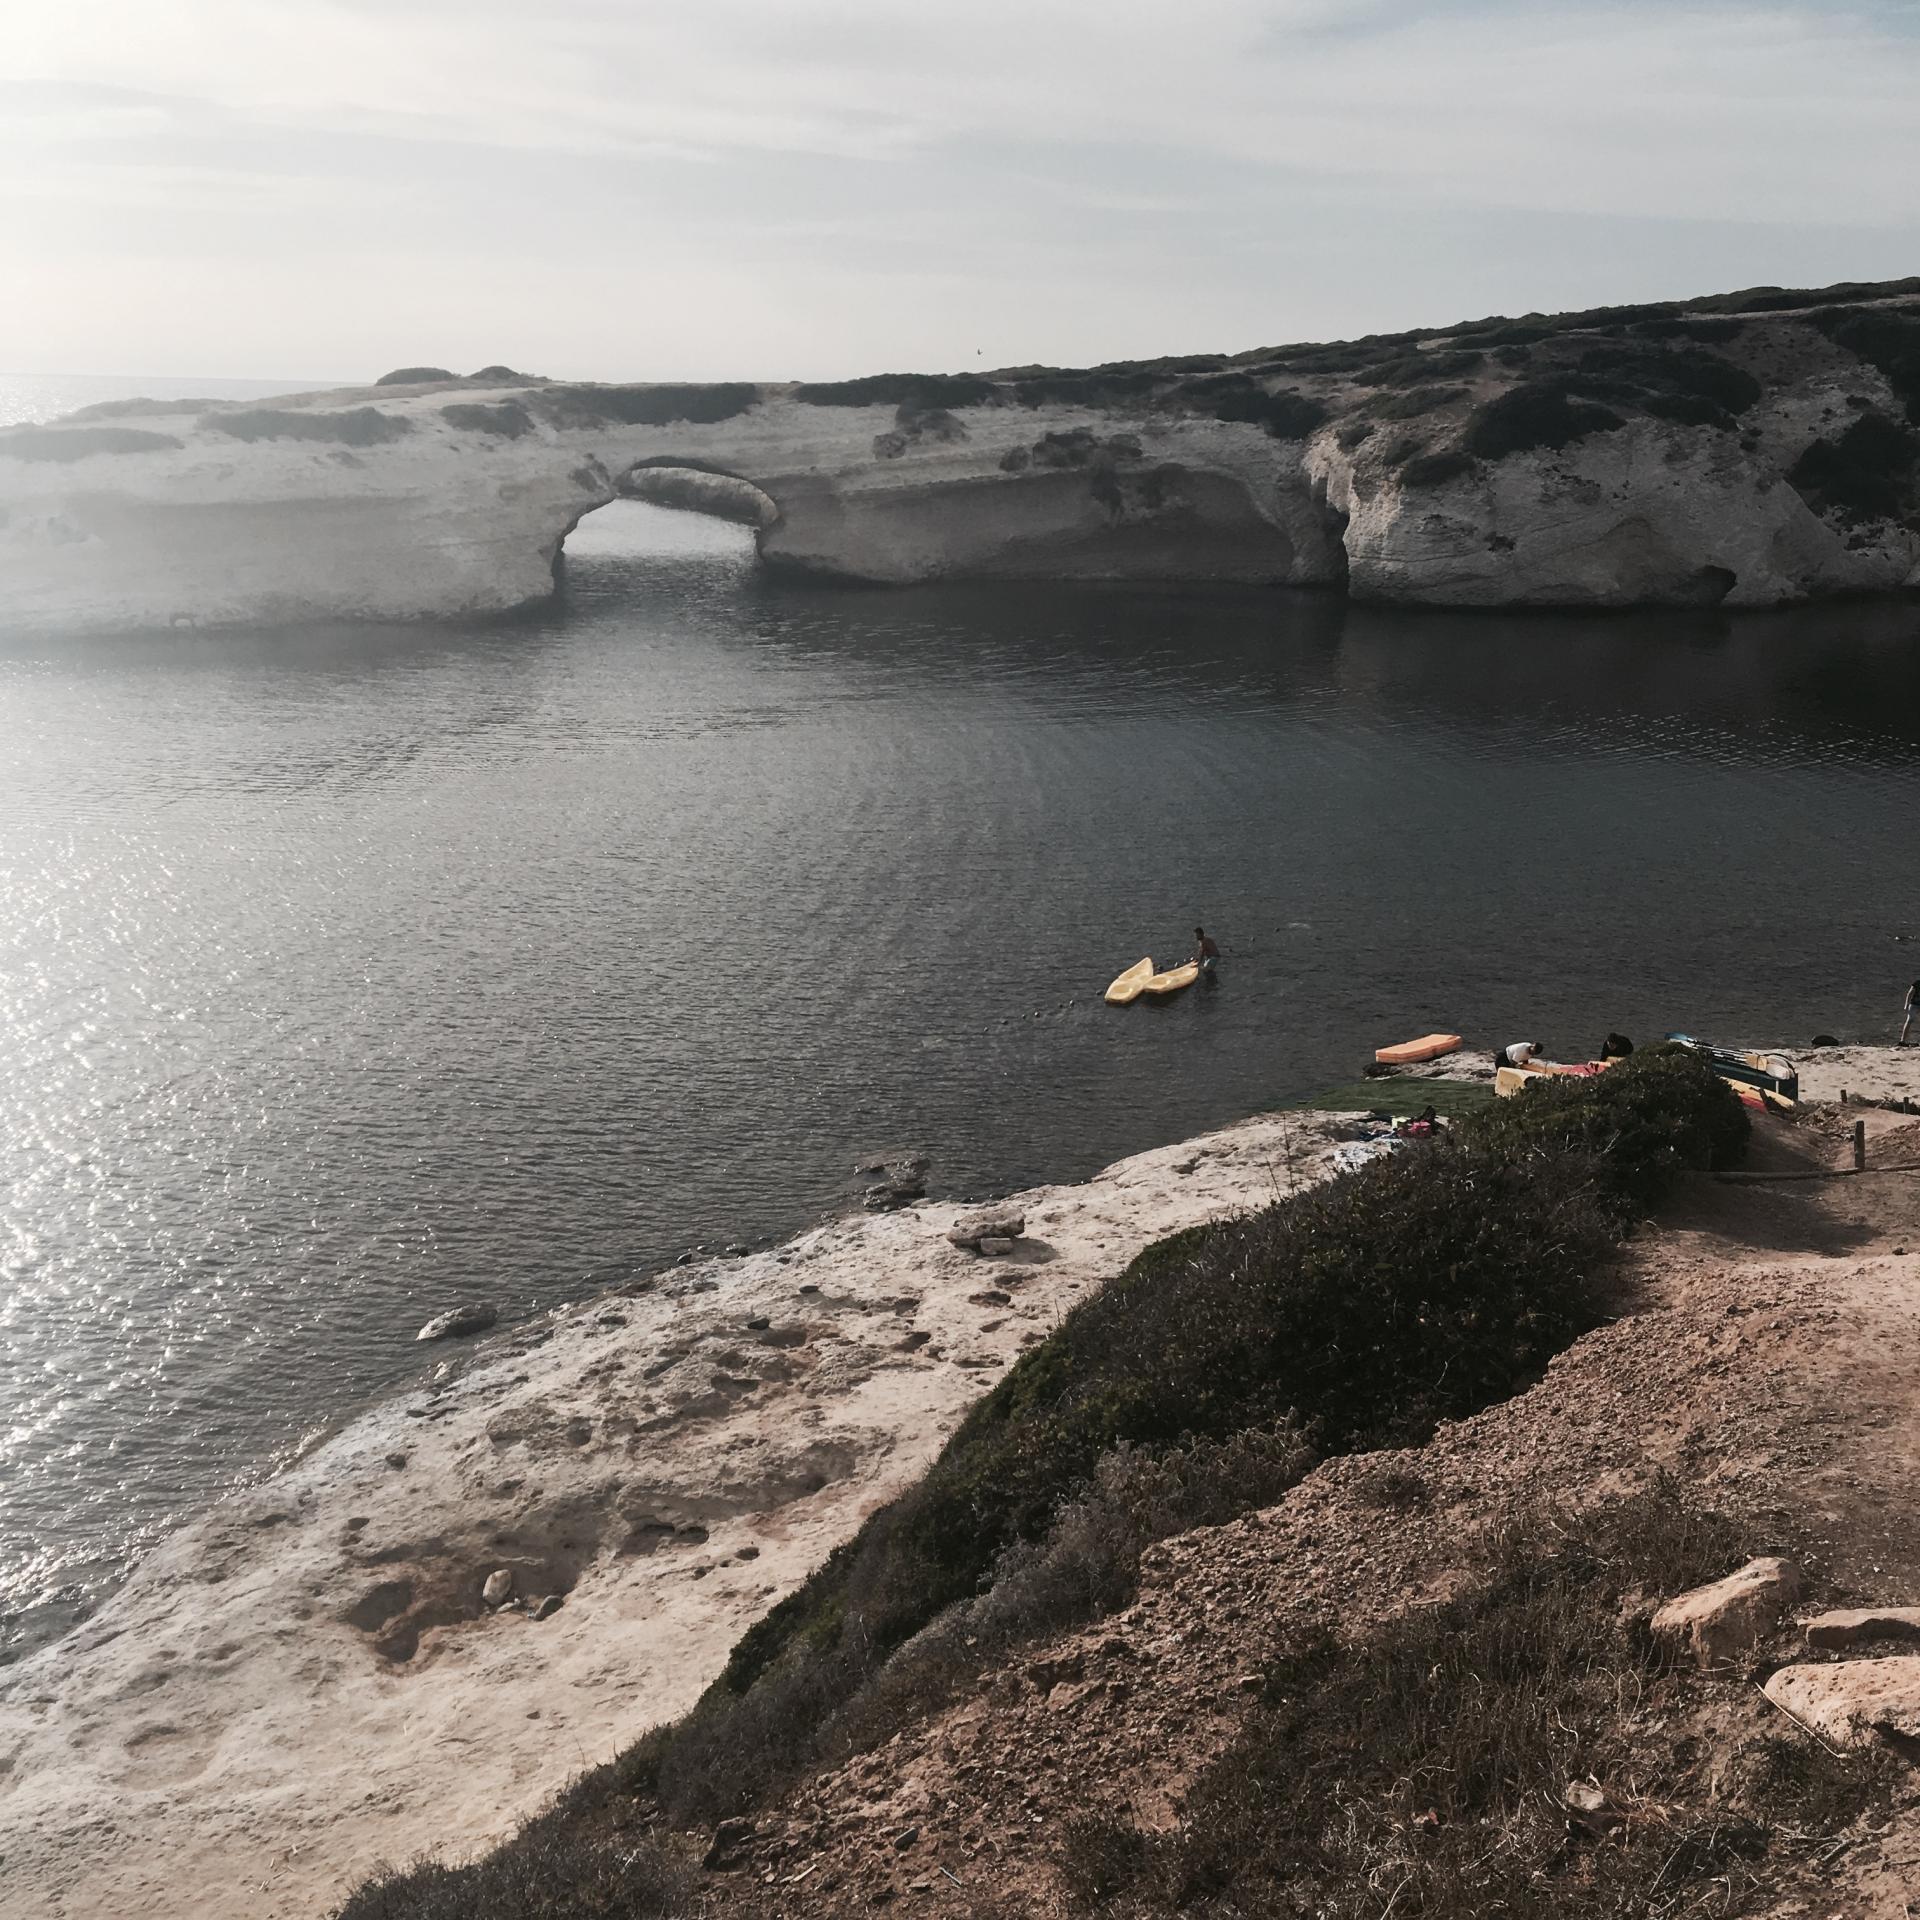 Mon voyage en Sardaigne entre copines 24